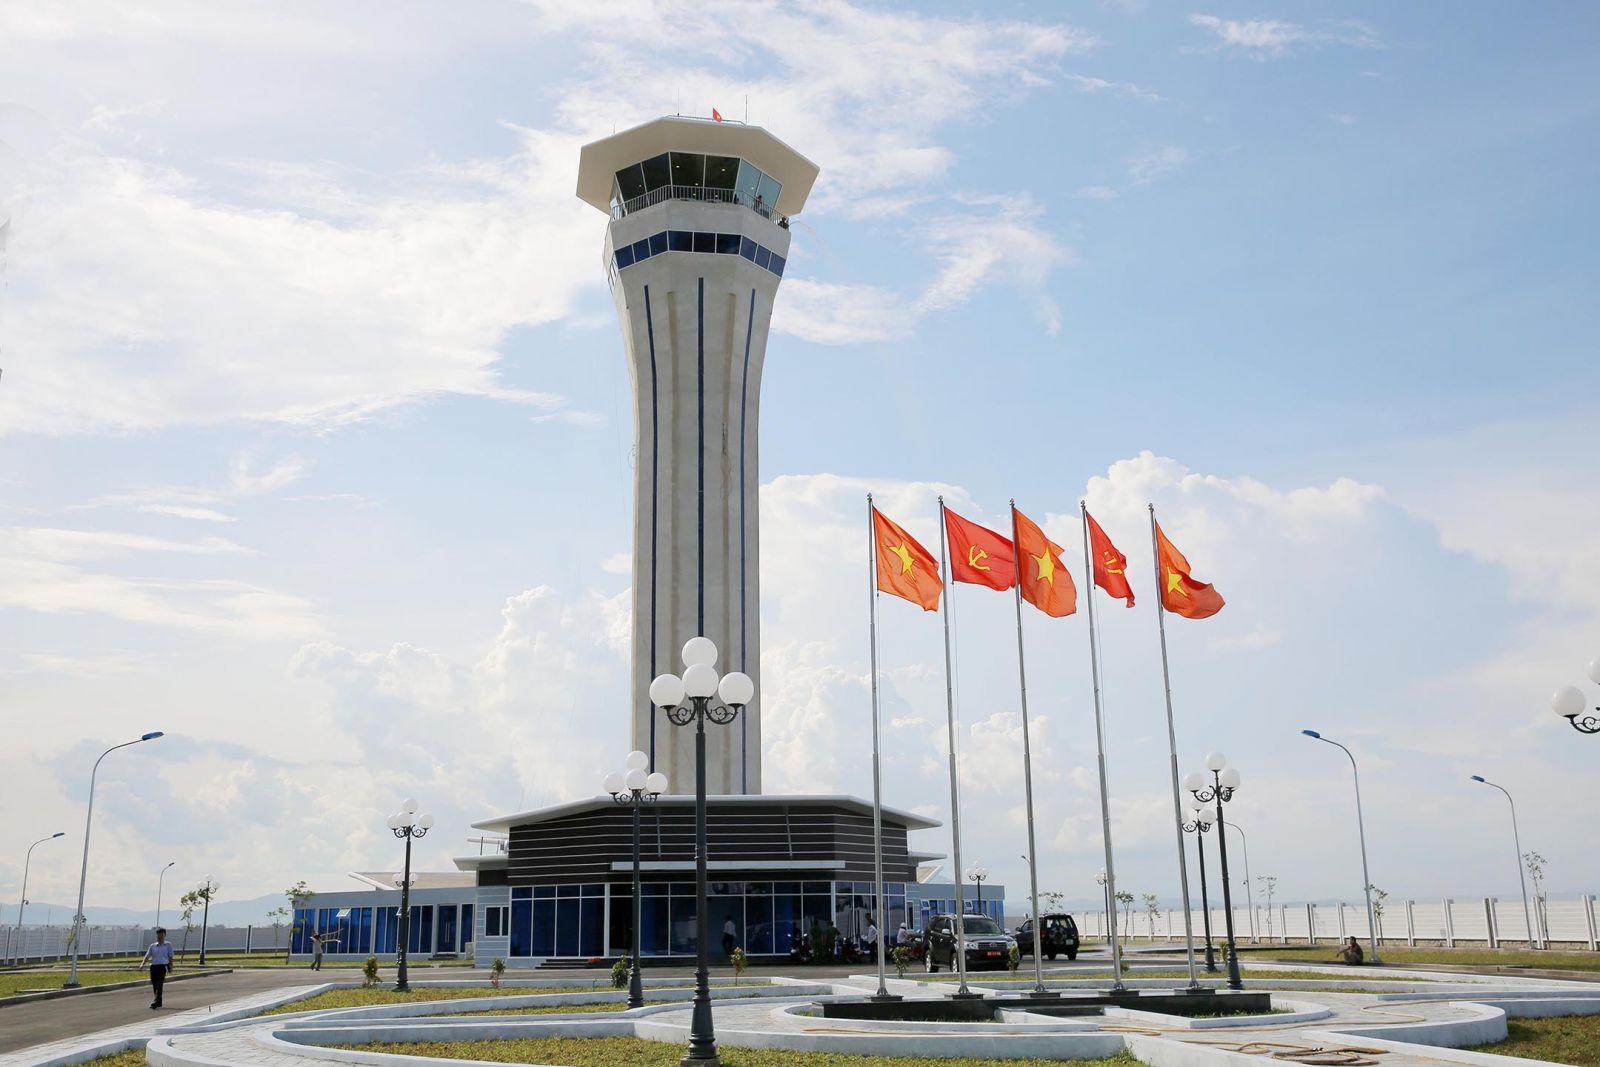 Chuyển đổi khai thác Đài kiểm soát không lưu Cảng hàng không Tuy Hòa